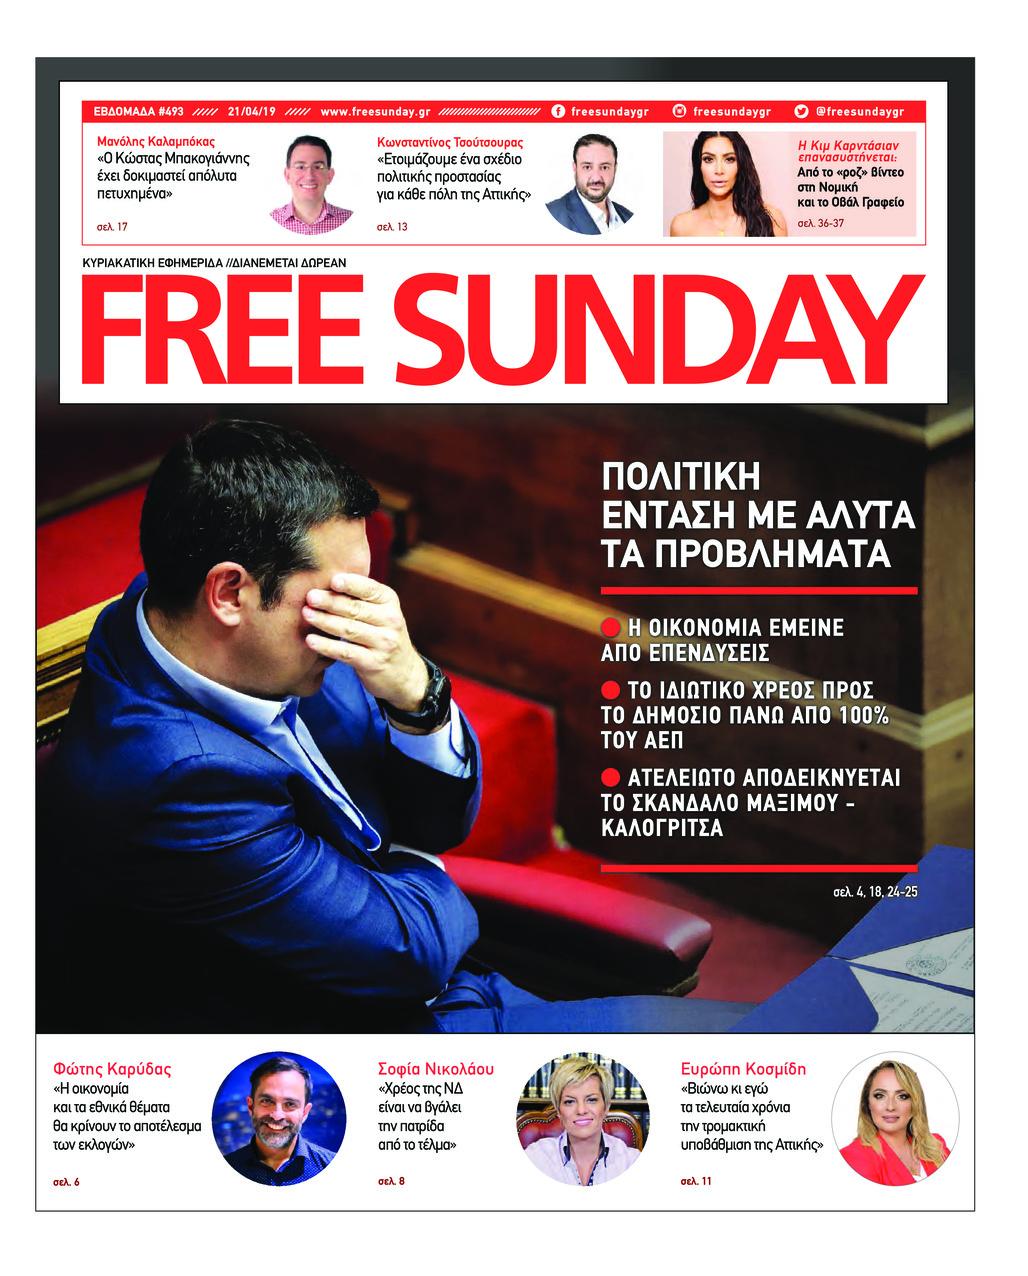 Πρωτοσέλιδο εφημερίδας FreeSunday